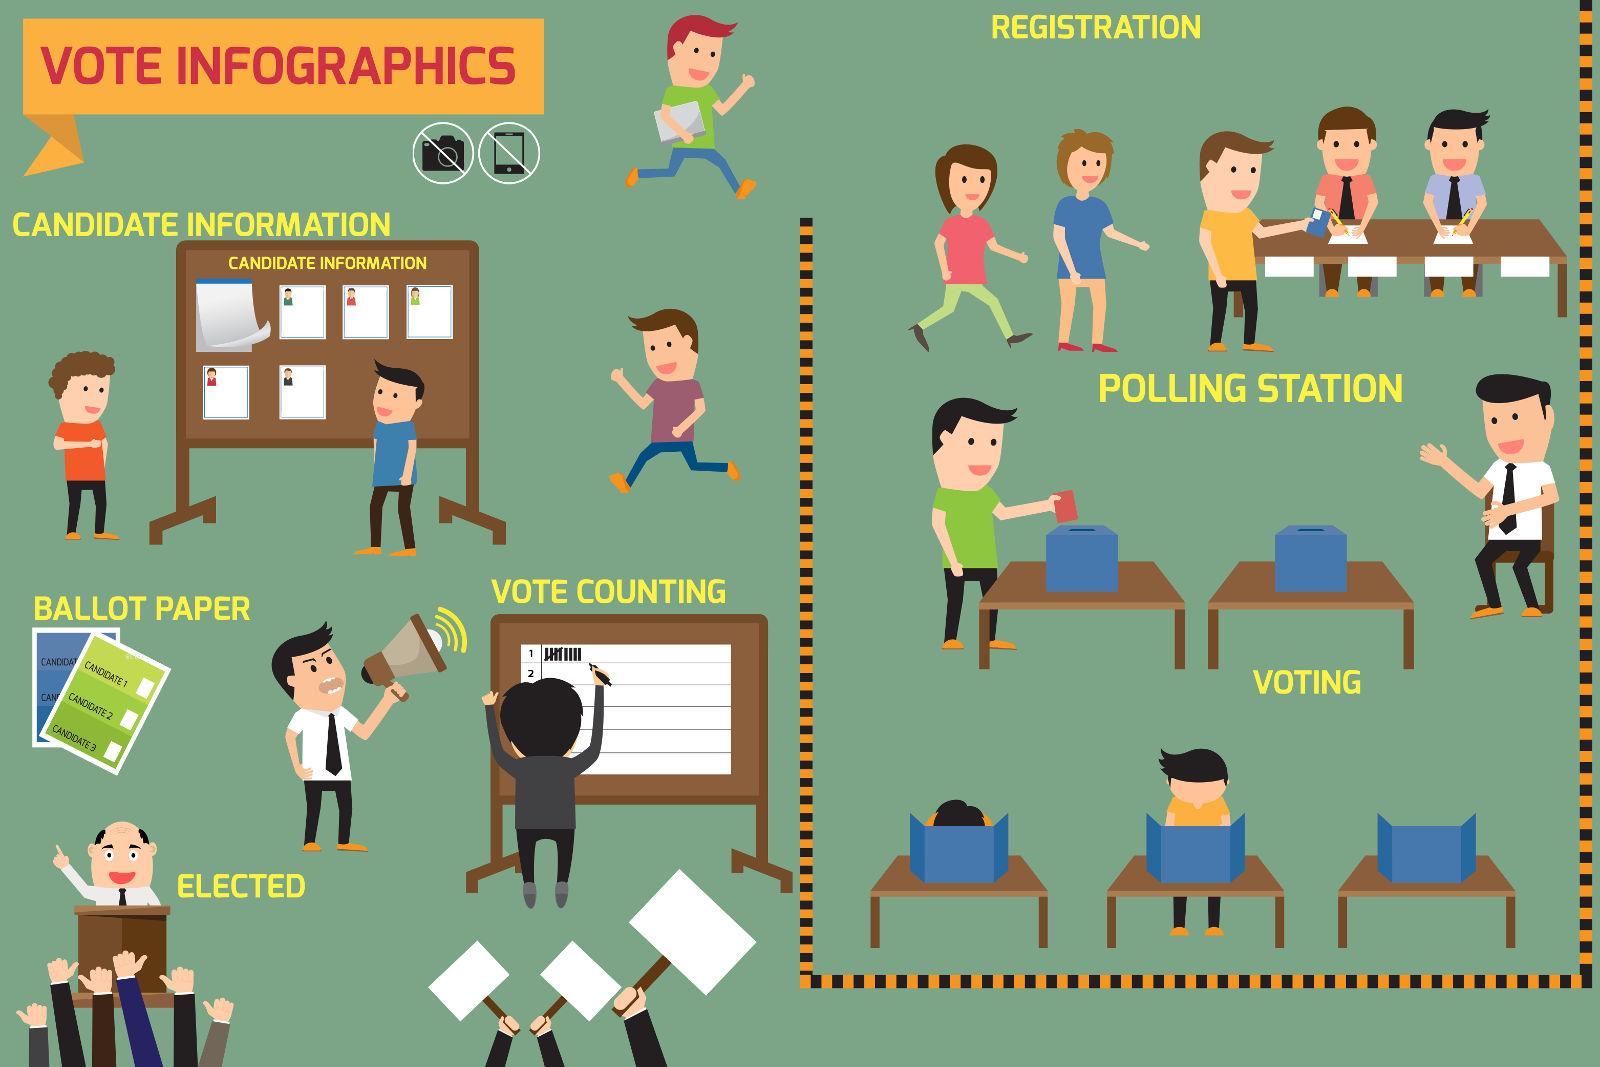 Vote Rigging